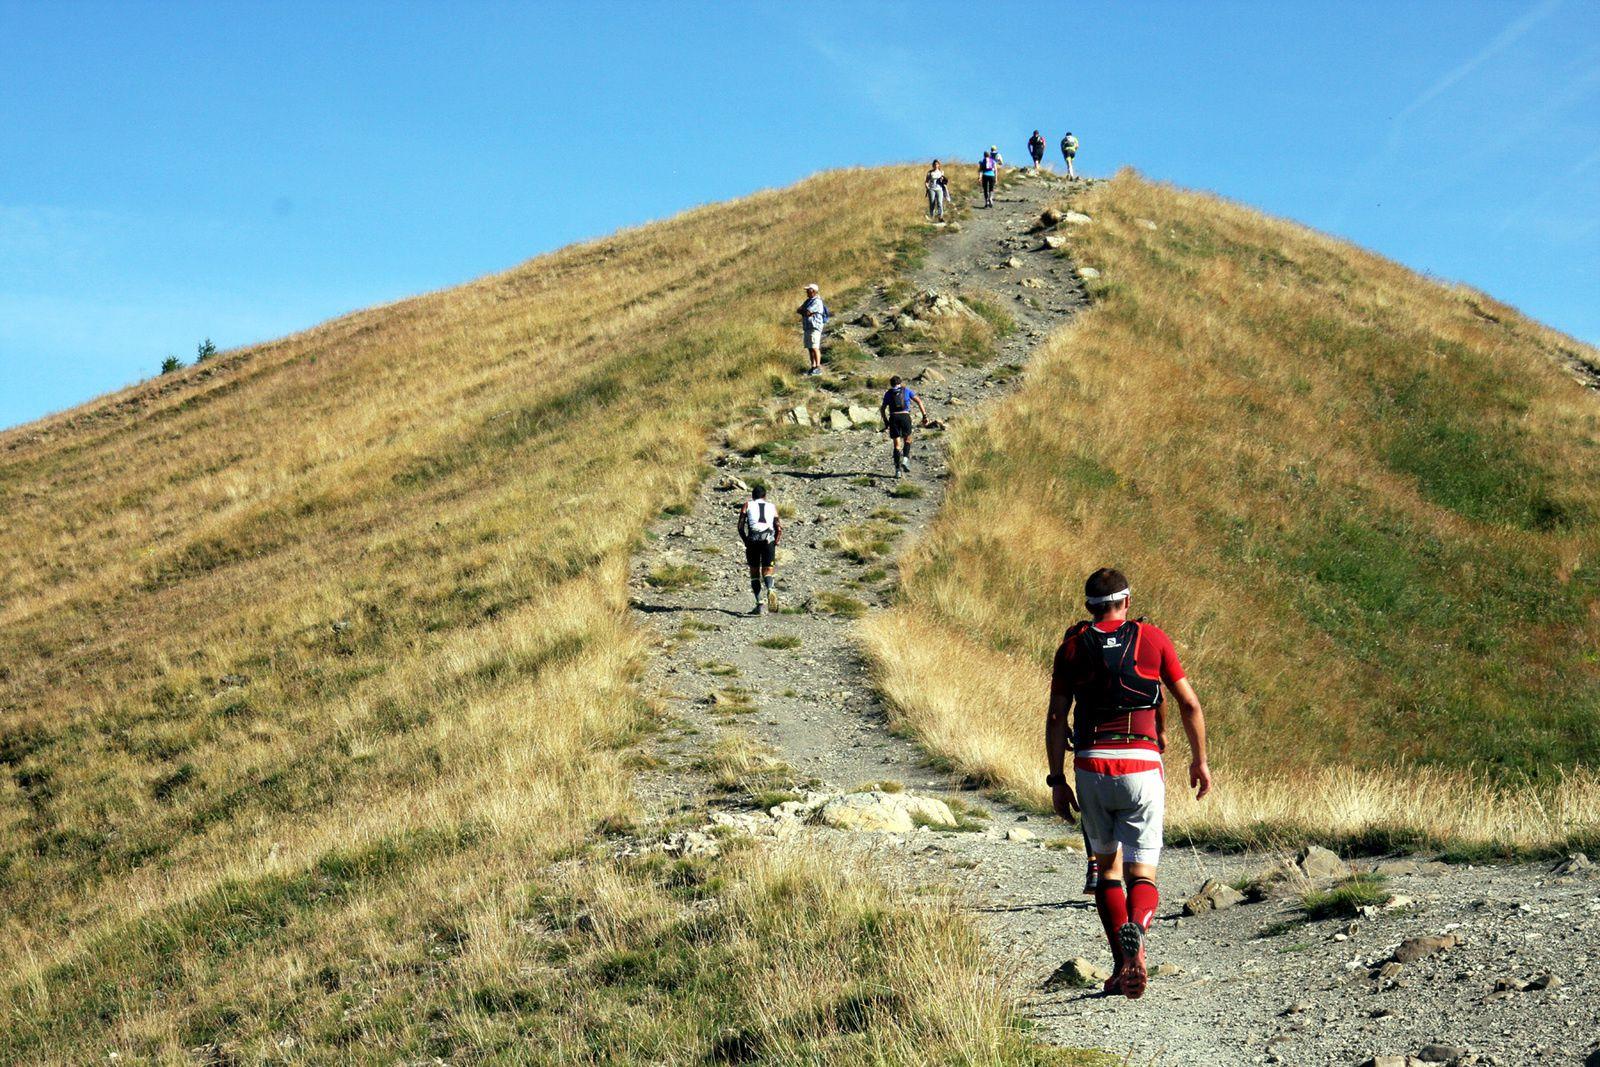 21ème Trail du Val d'Allos  Dimanche 26 juillet 2015,Sébastien CAMUS remporte le 37 km